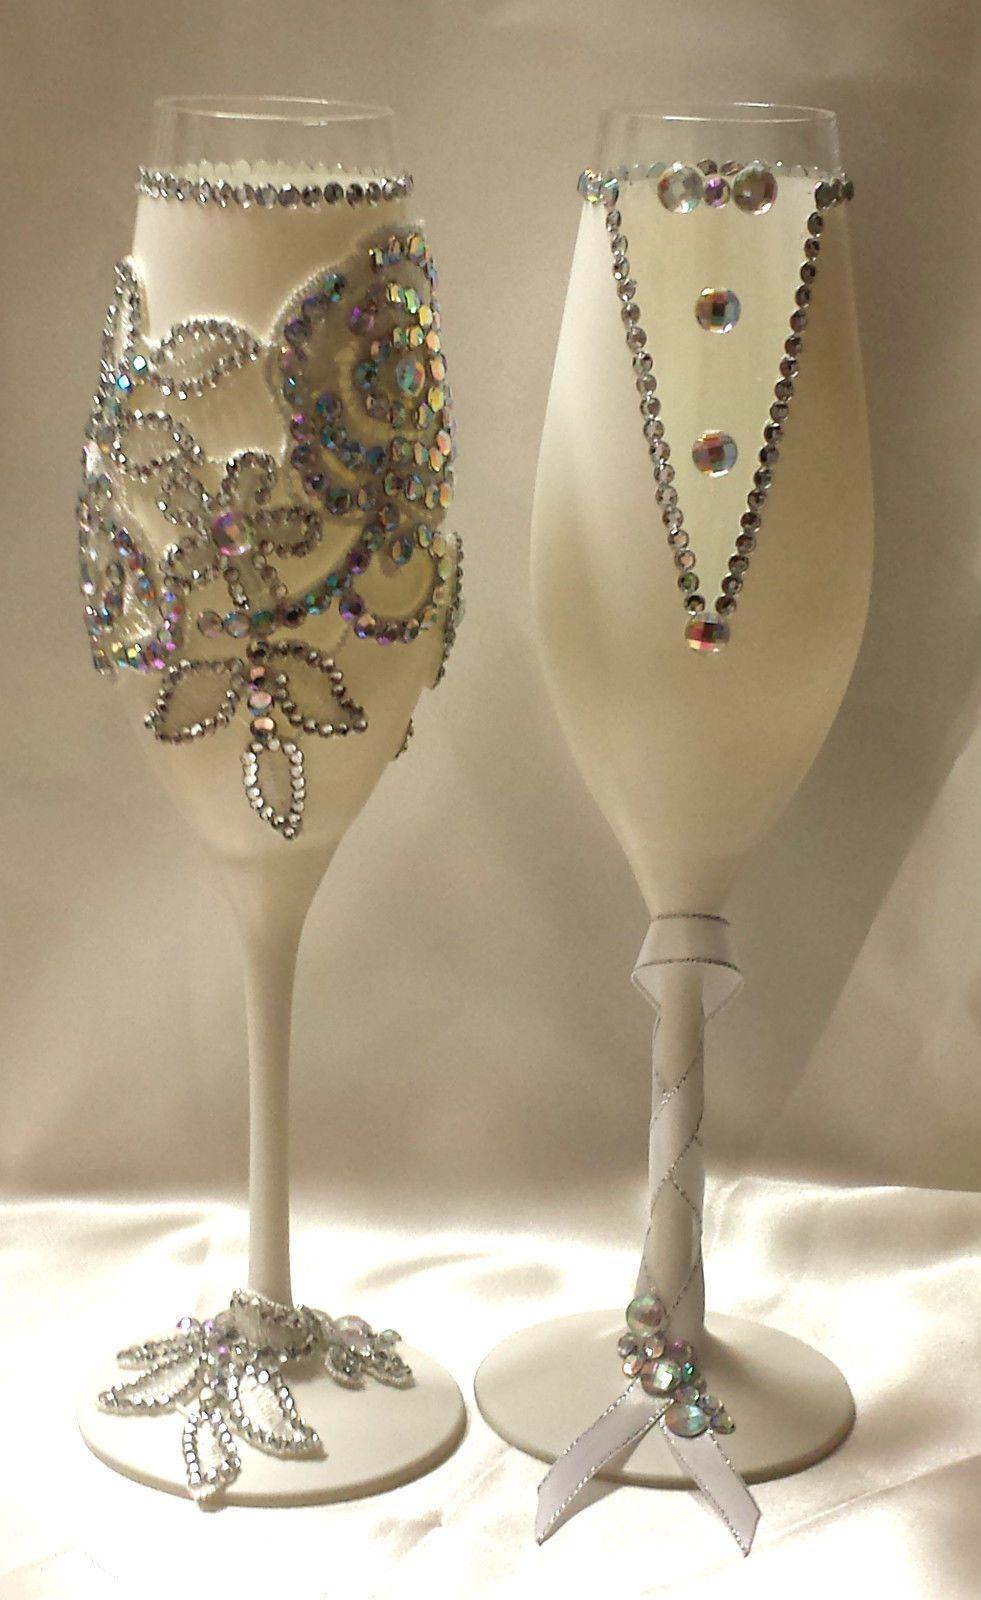 hochzeitsgl ser sektgl ser hochzeitsgeschenk glasses pinterest geschenke. Black Bedroom Furniture Sets. Home Design Ideas